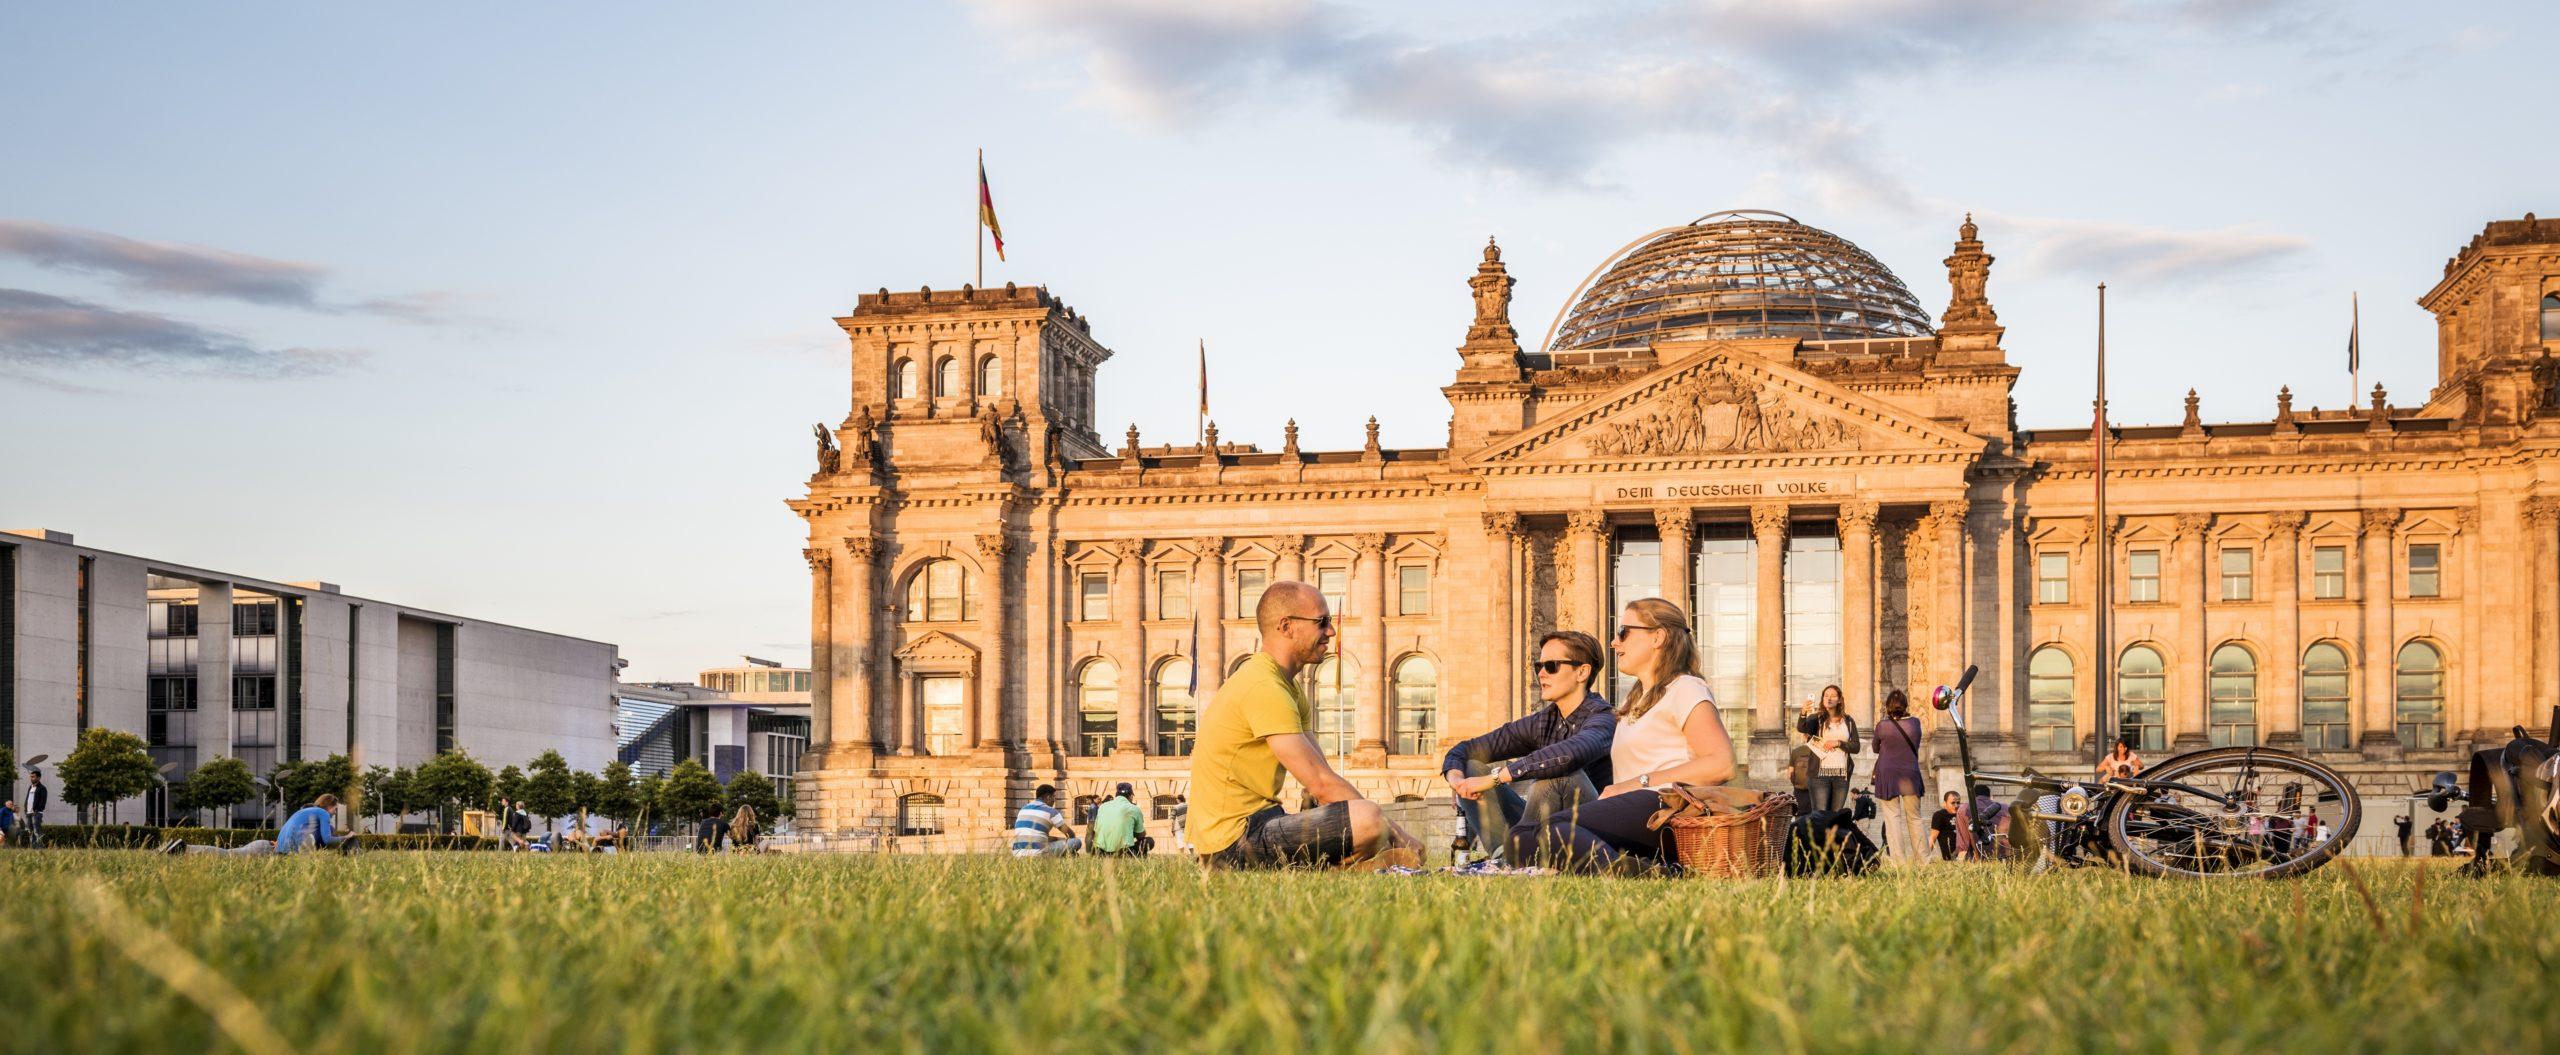 B Reichstag